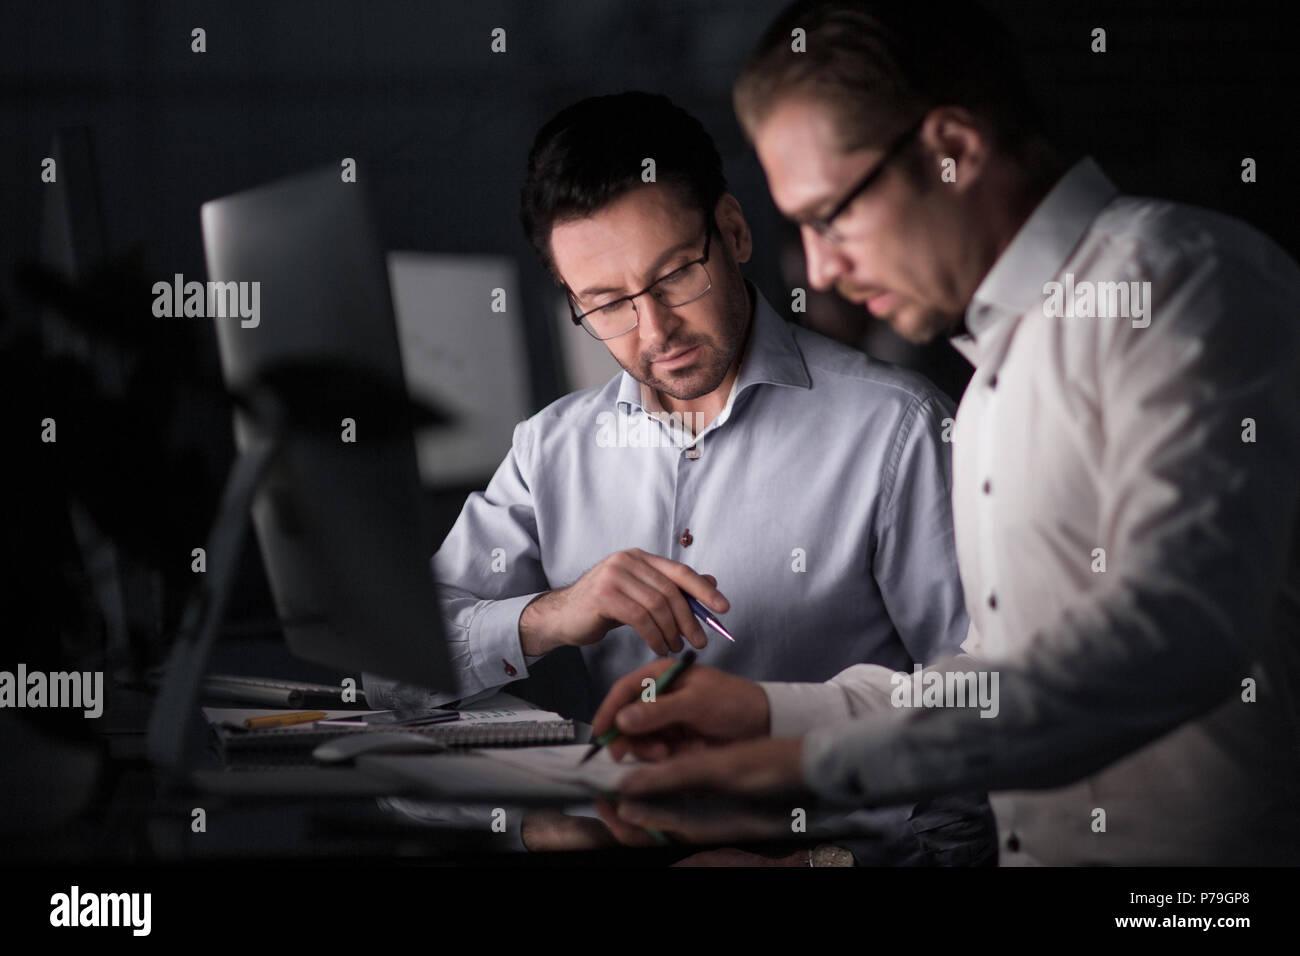 Die Kollegen arbeiten mit Dokumenten in den Abend. Stockbild